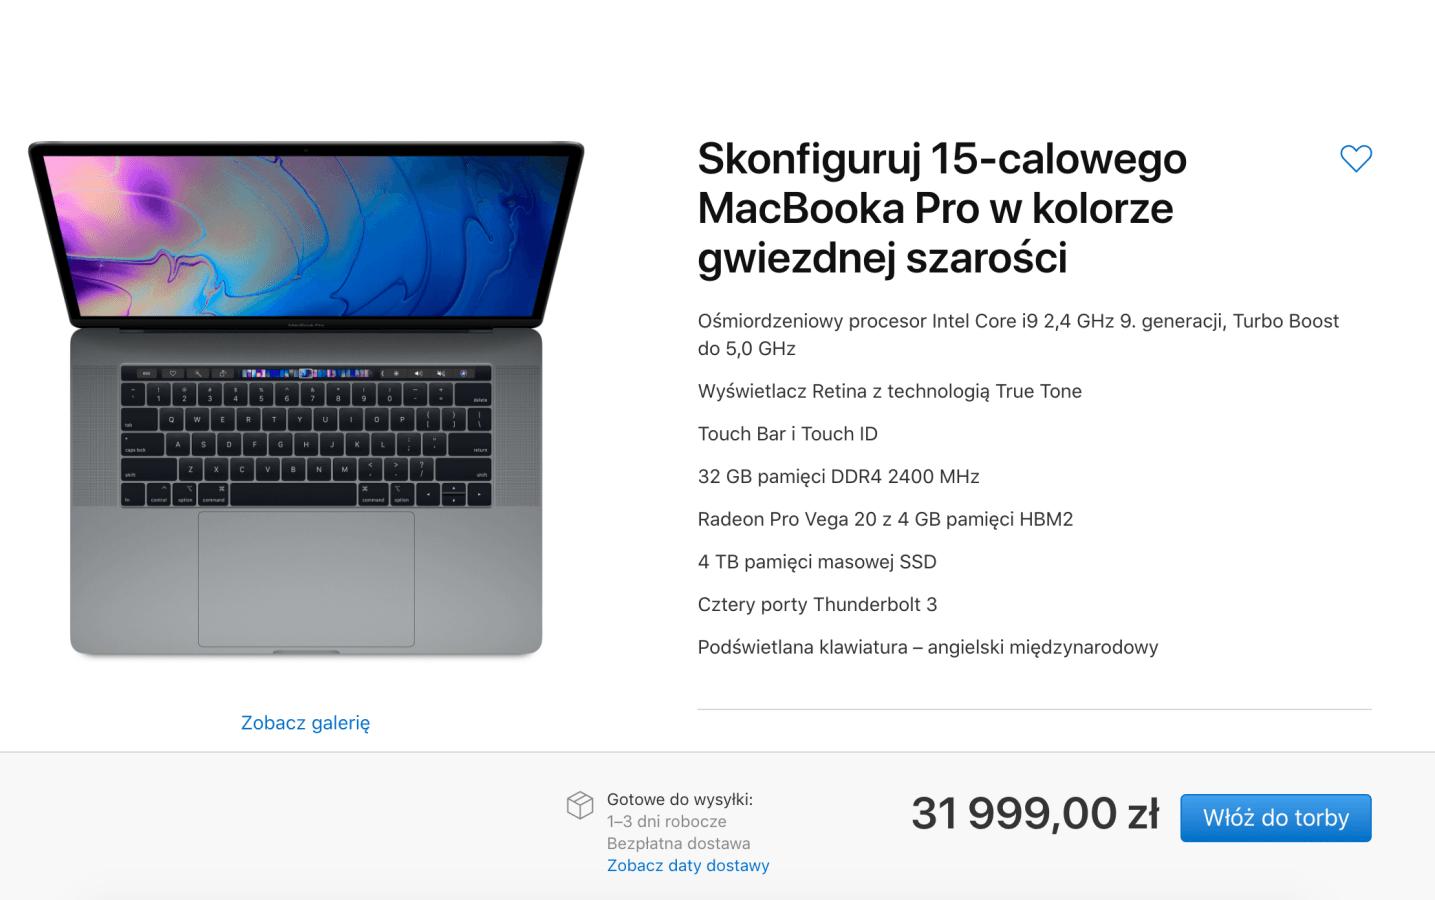 Oto nowe MacBooki Pro. Topowy model z ośmiordzeniowym procesorem Intela